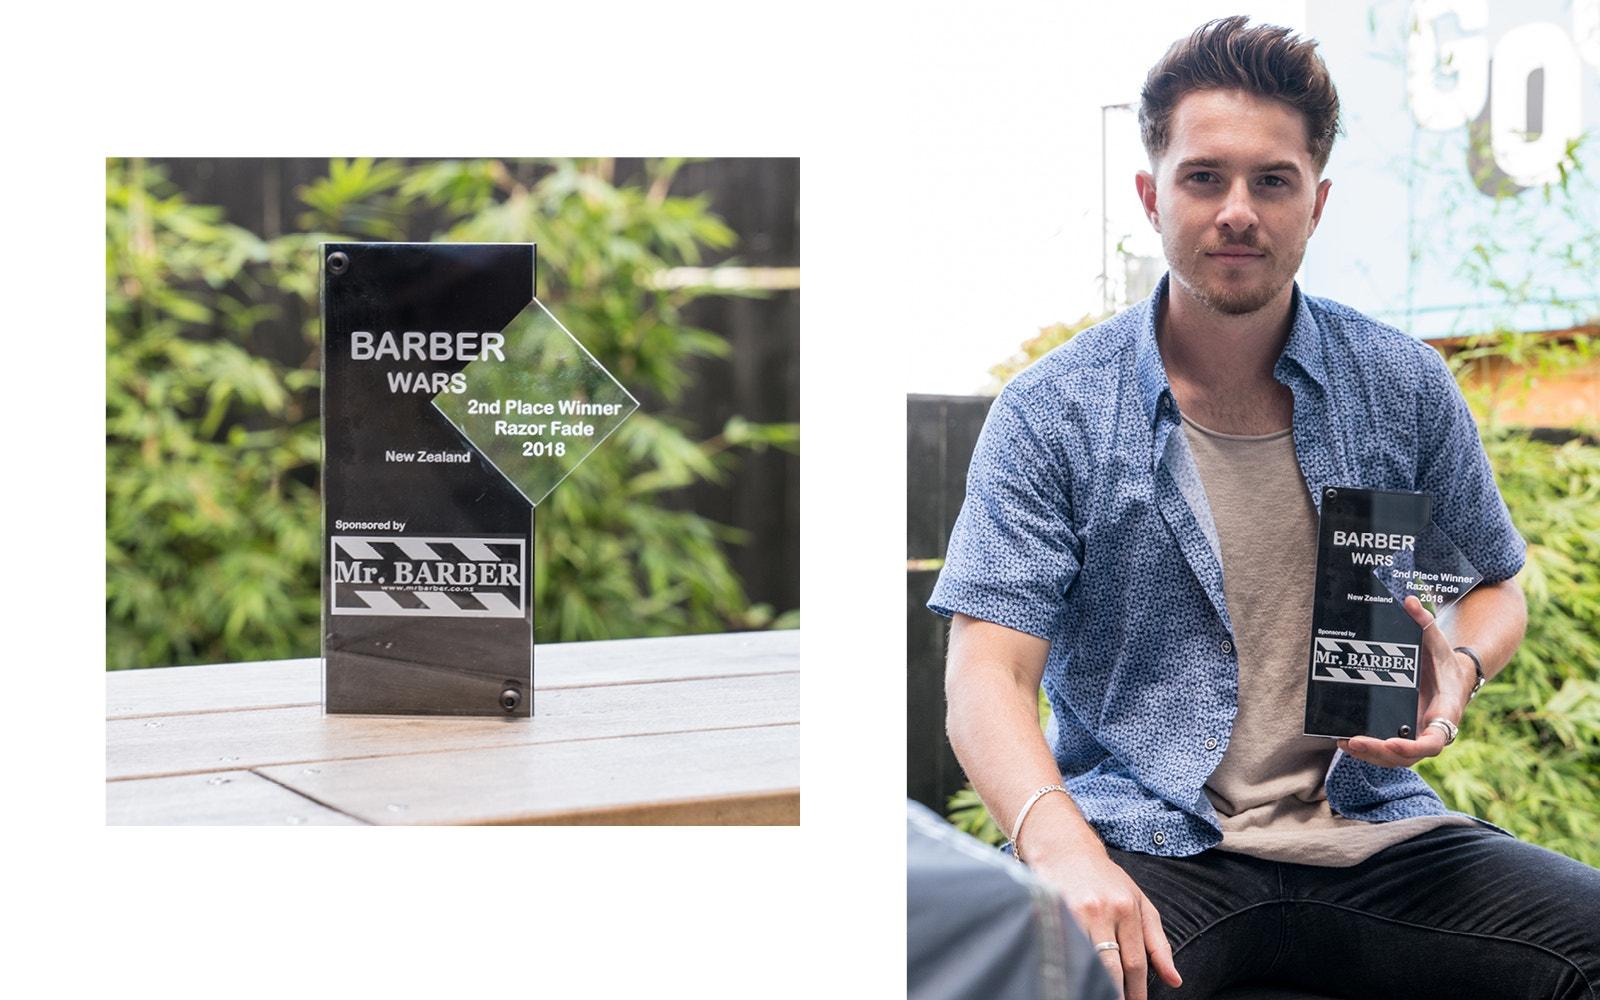 GR Barber Wars Finn